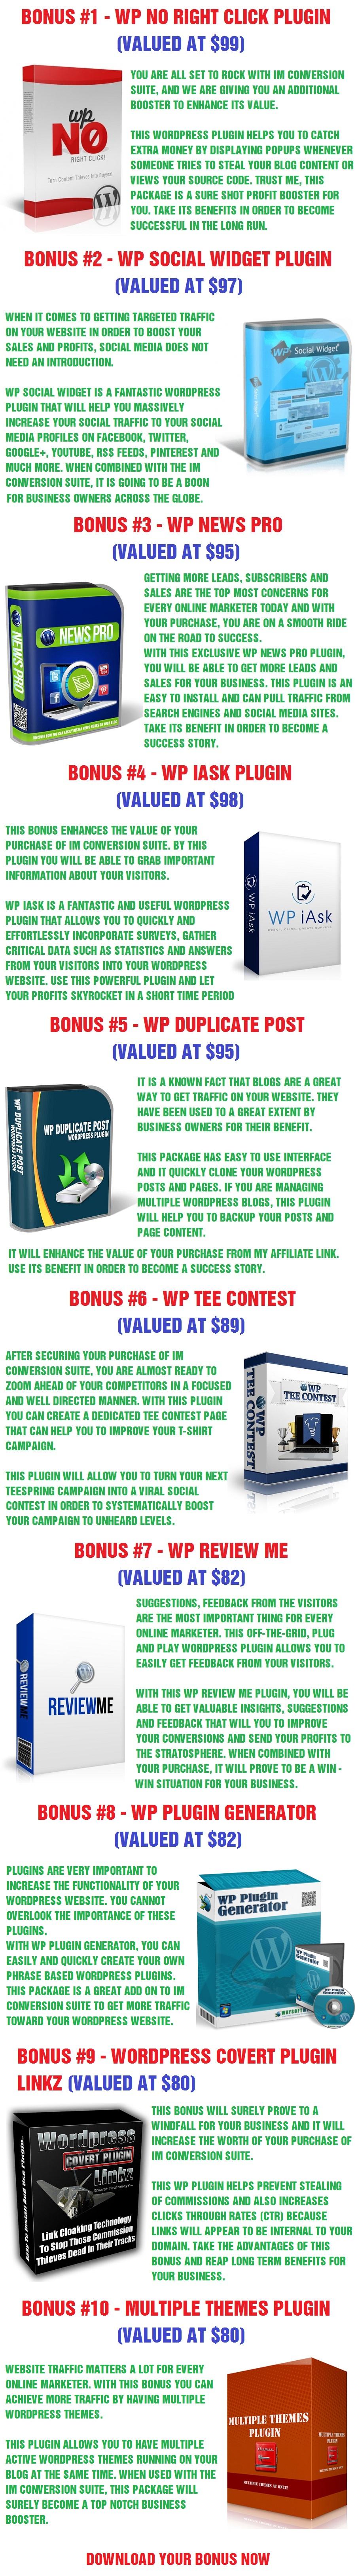 IM Conversion Bonus